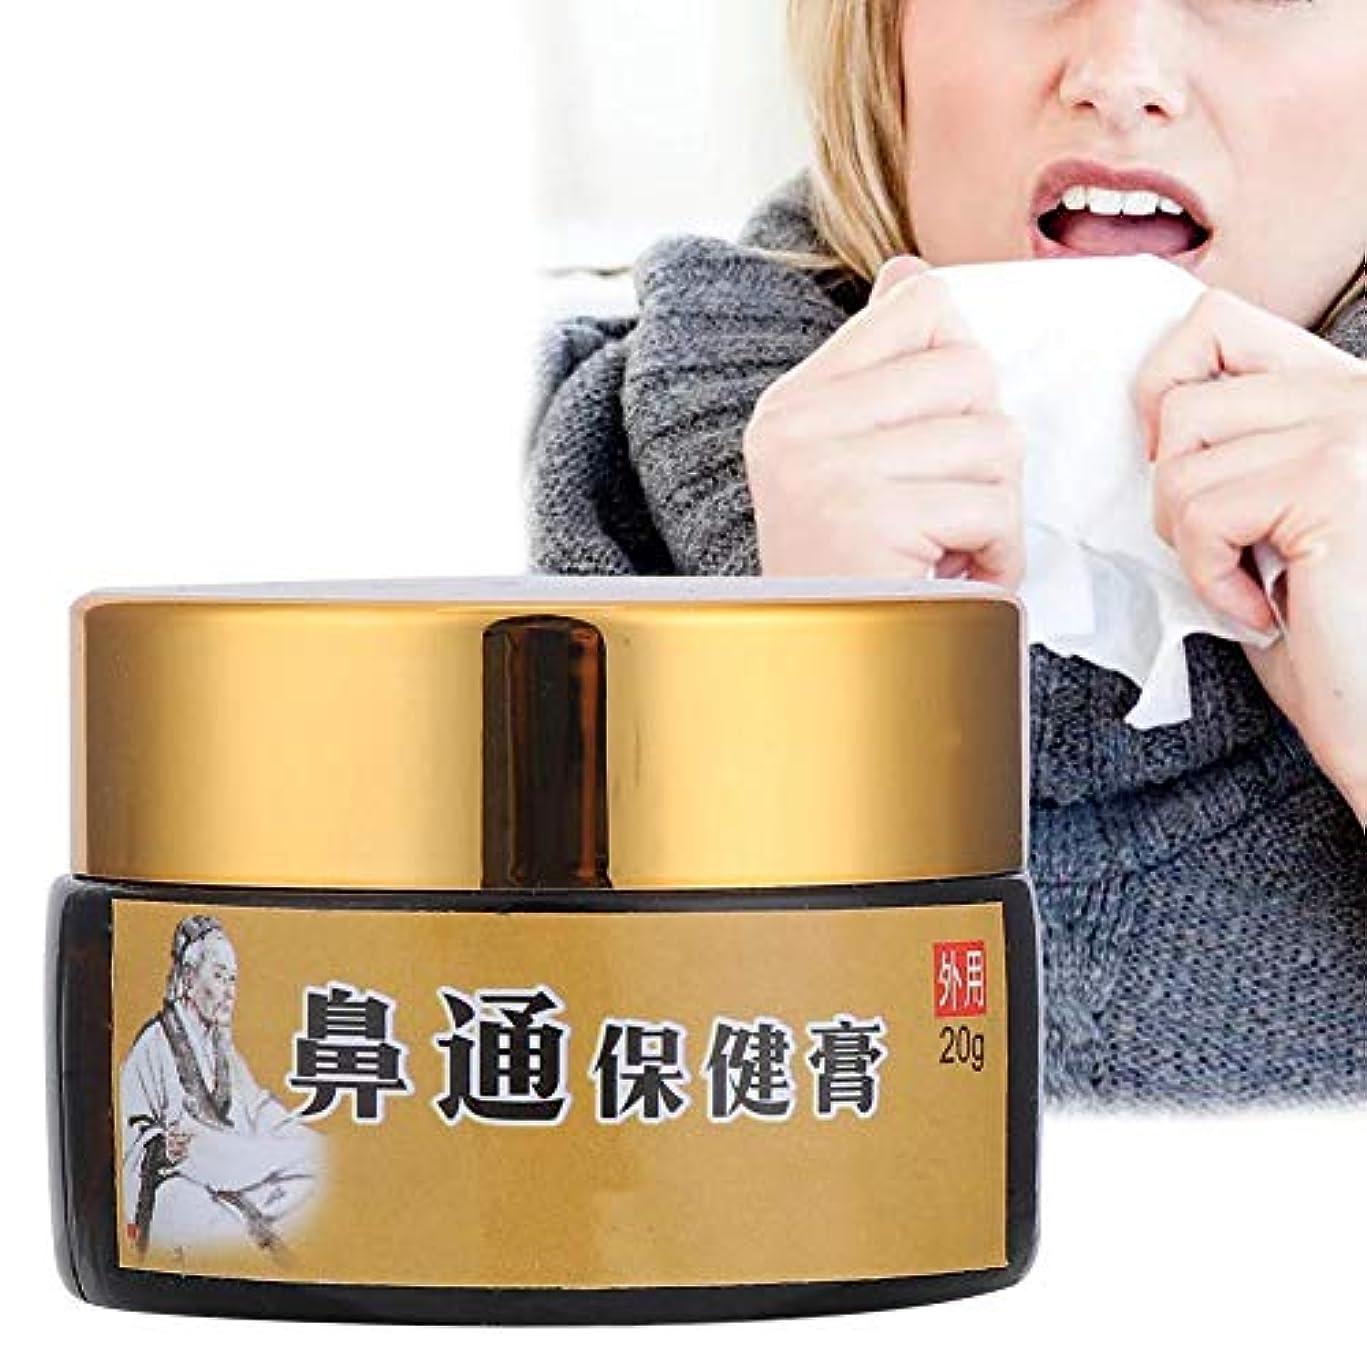 山人生を作る体細胞鼻炎副鼻腔炎鼻クリーム、20g鼻詰まりジェルかゆみくしゃみ鼻詰まりクリーム